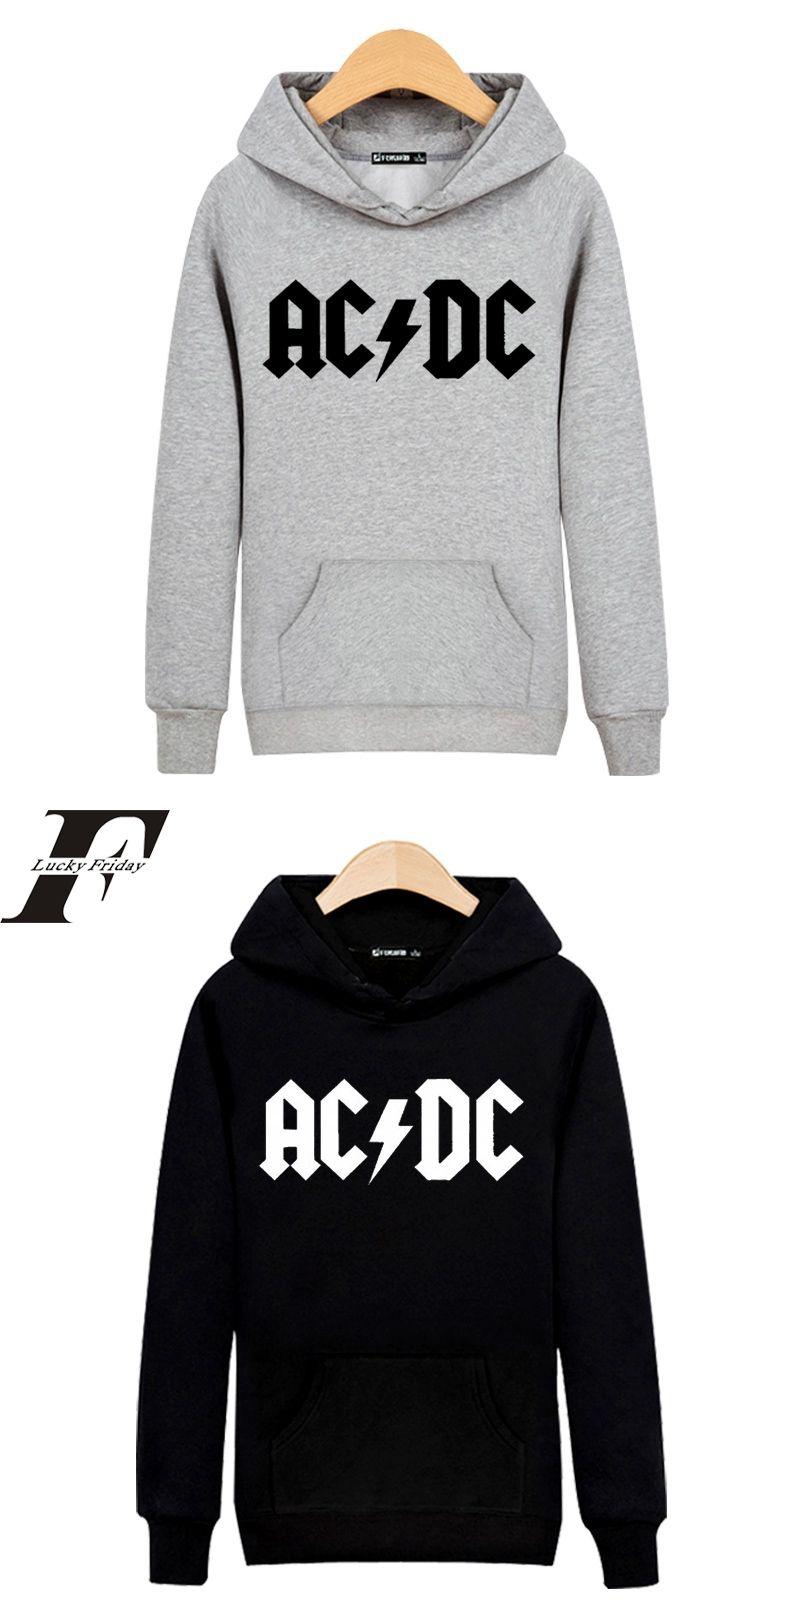 93bd572ed9d0 Hip Hop Rock Music AD DC men clothing hoodie Mens Hoodies and Sweatshirt men  tracksuit